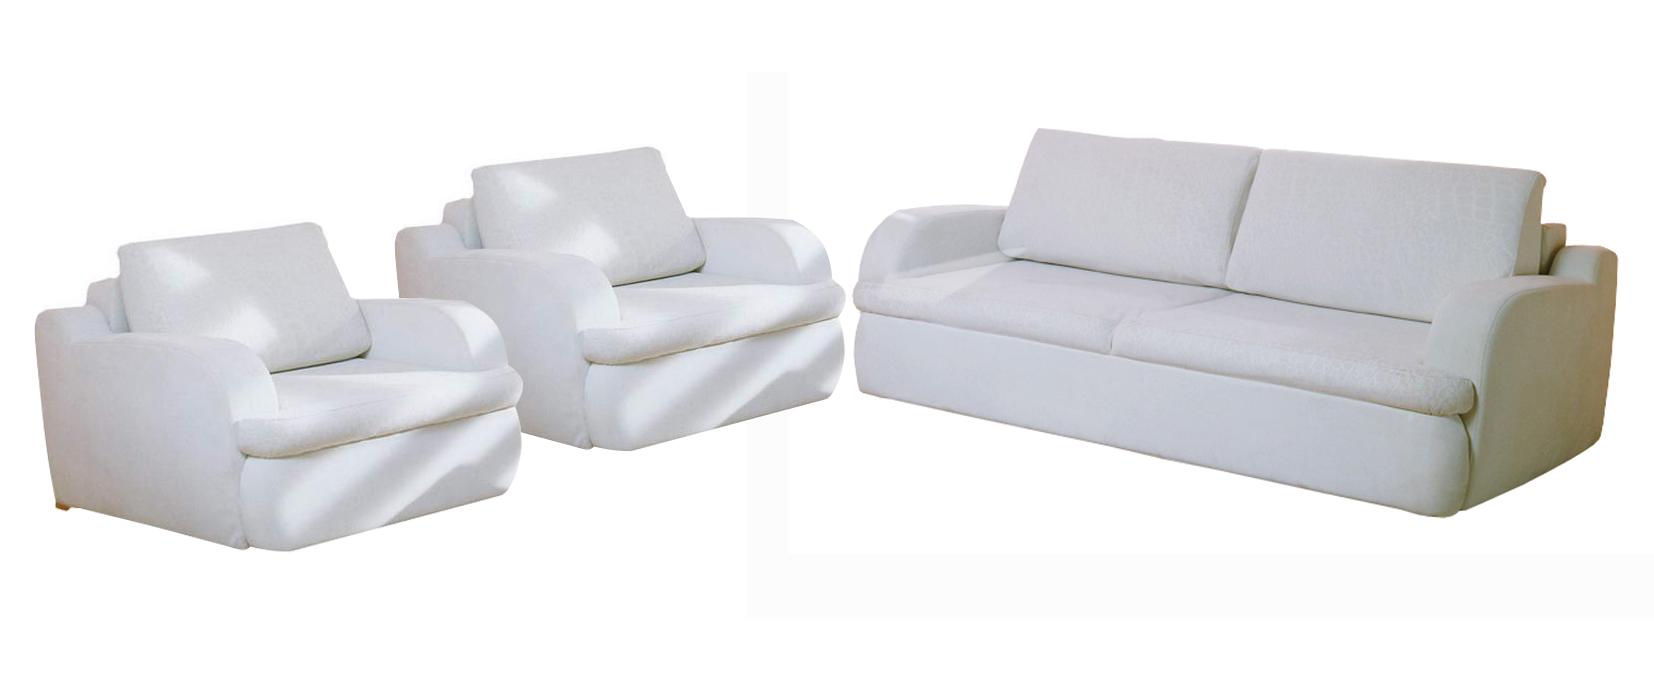 Комплект мягкой мебели Мустанг